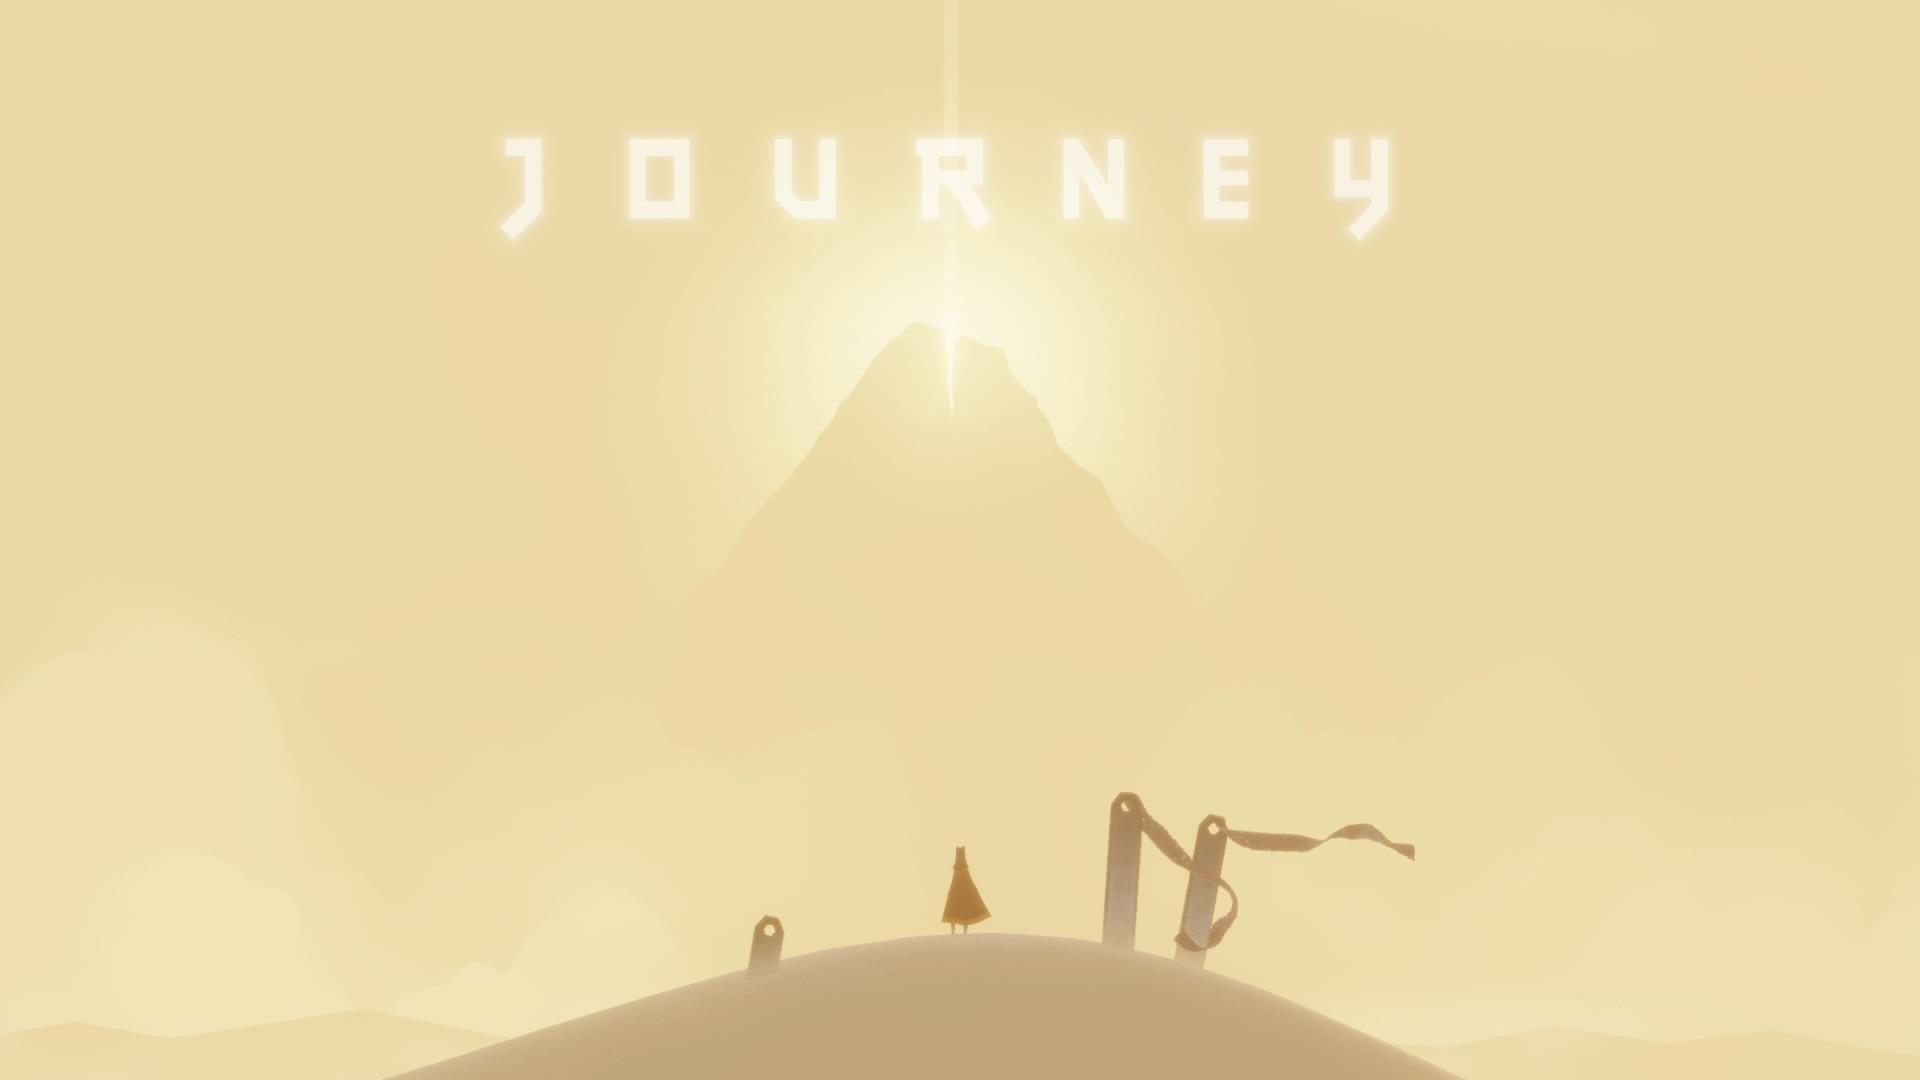 Journey è un'opera d'arte